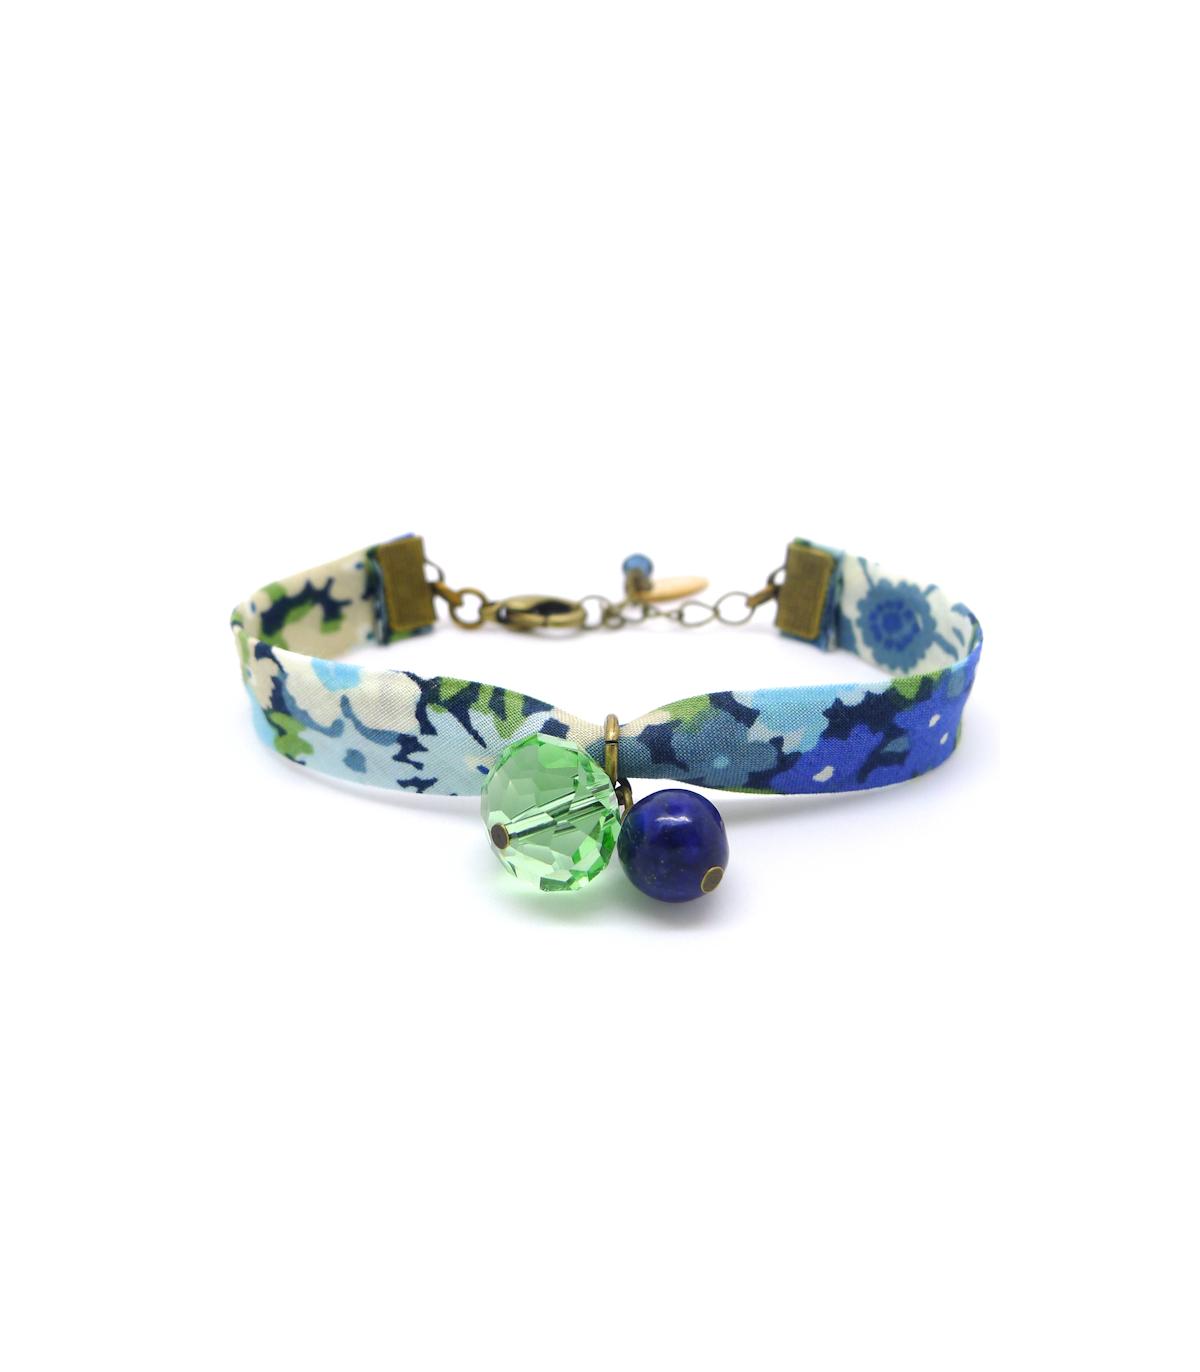 grand choix de 43dad b6c10 Bracelet Liberty Nympheas - Bracelet fantaisie femme